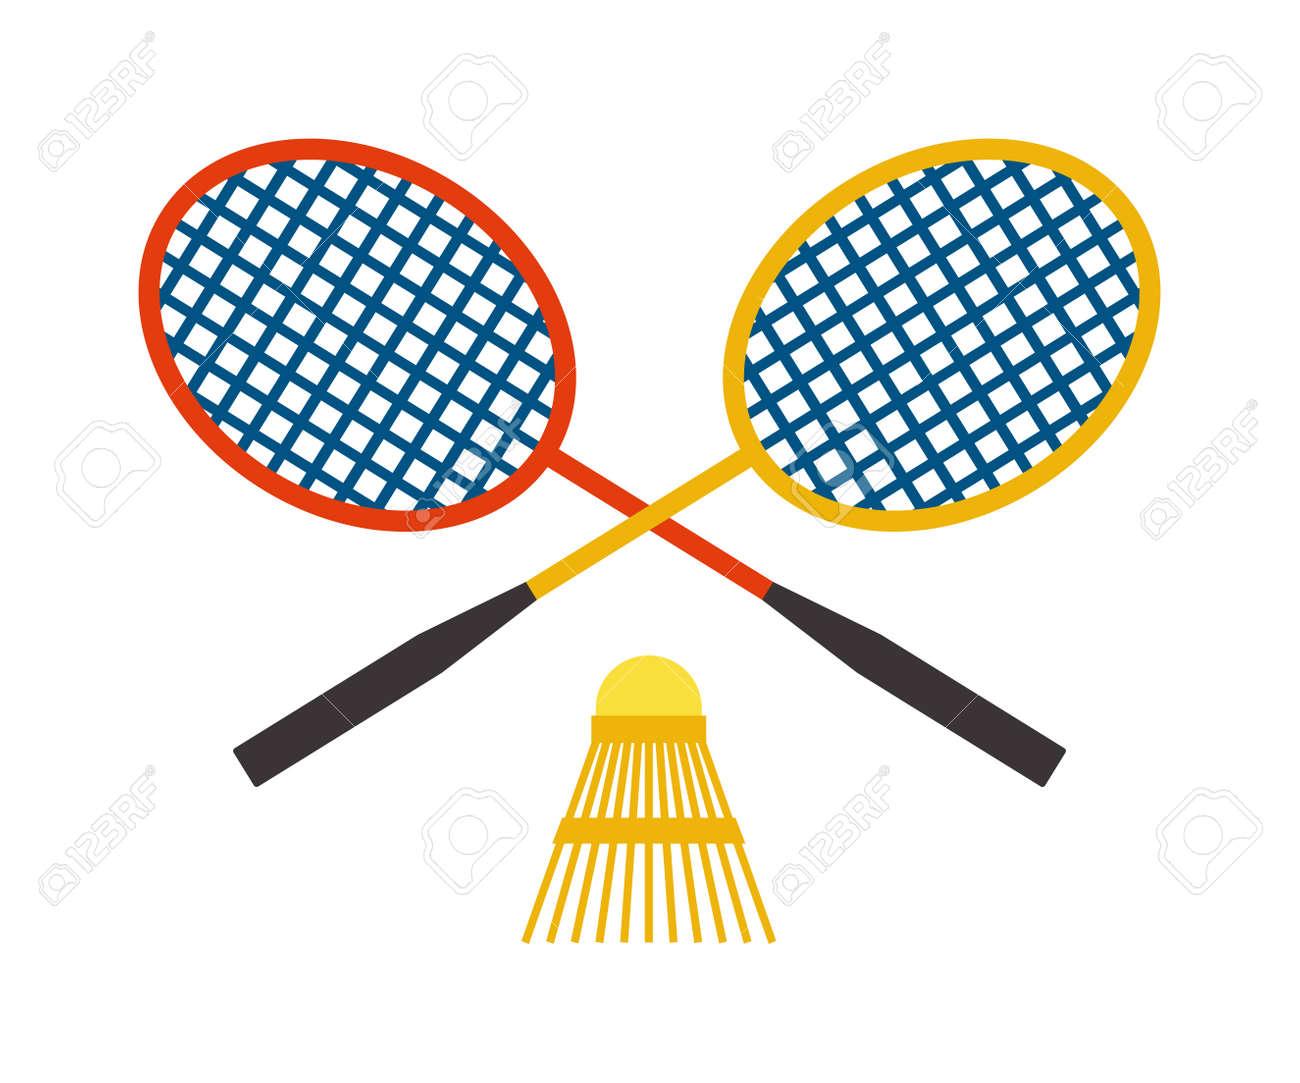 8a6e5649c1255 Banque d'images - Deux raquette de badminton et le volant jeu de sport  compétition de loisirs vecteur plume de fitness. Action badminton sport et  jeu loisir ...